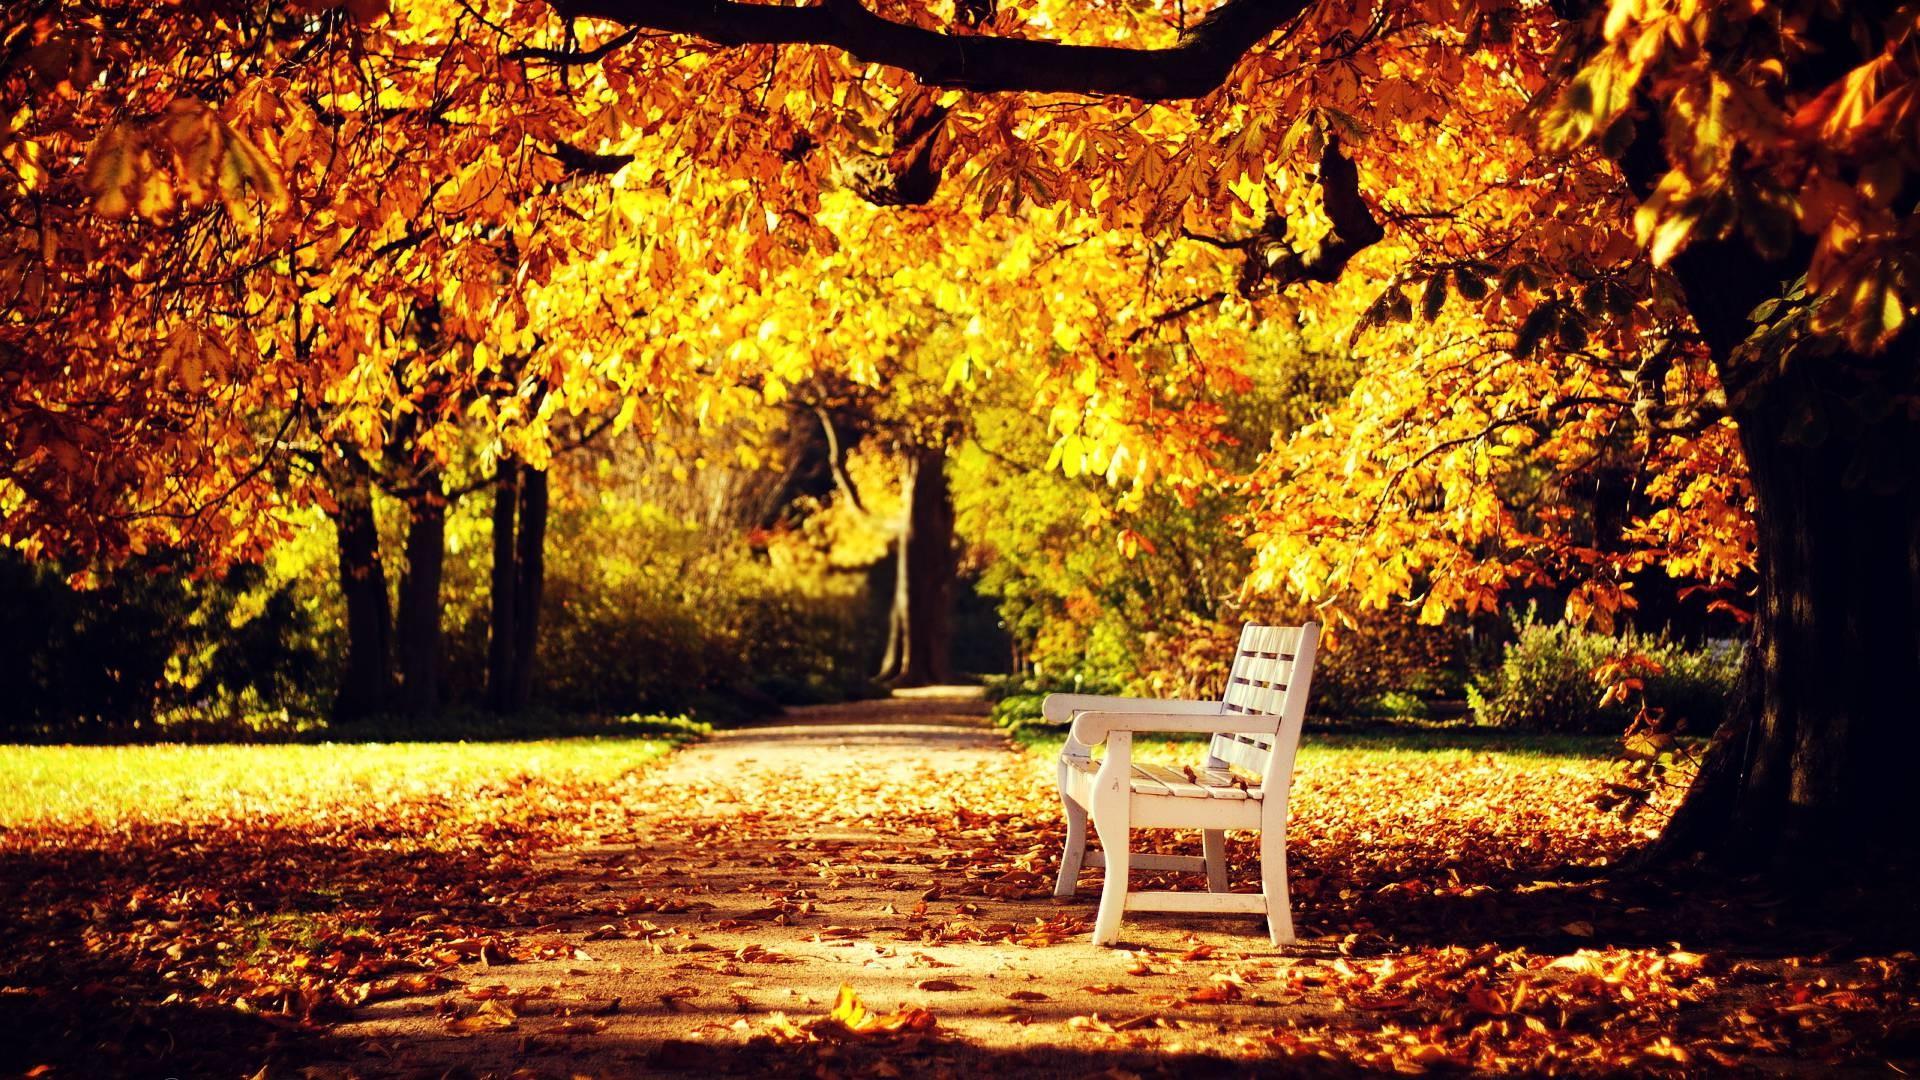 Mùa thu là mùa của tình yêu, của nỗi nhớ. Mùa thu trong lòng mỗi chúng ta đều đẹp đẽ, dịu dàng và bình yên đến lạ.